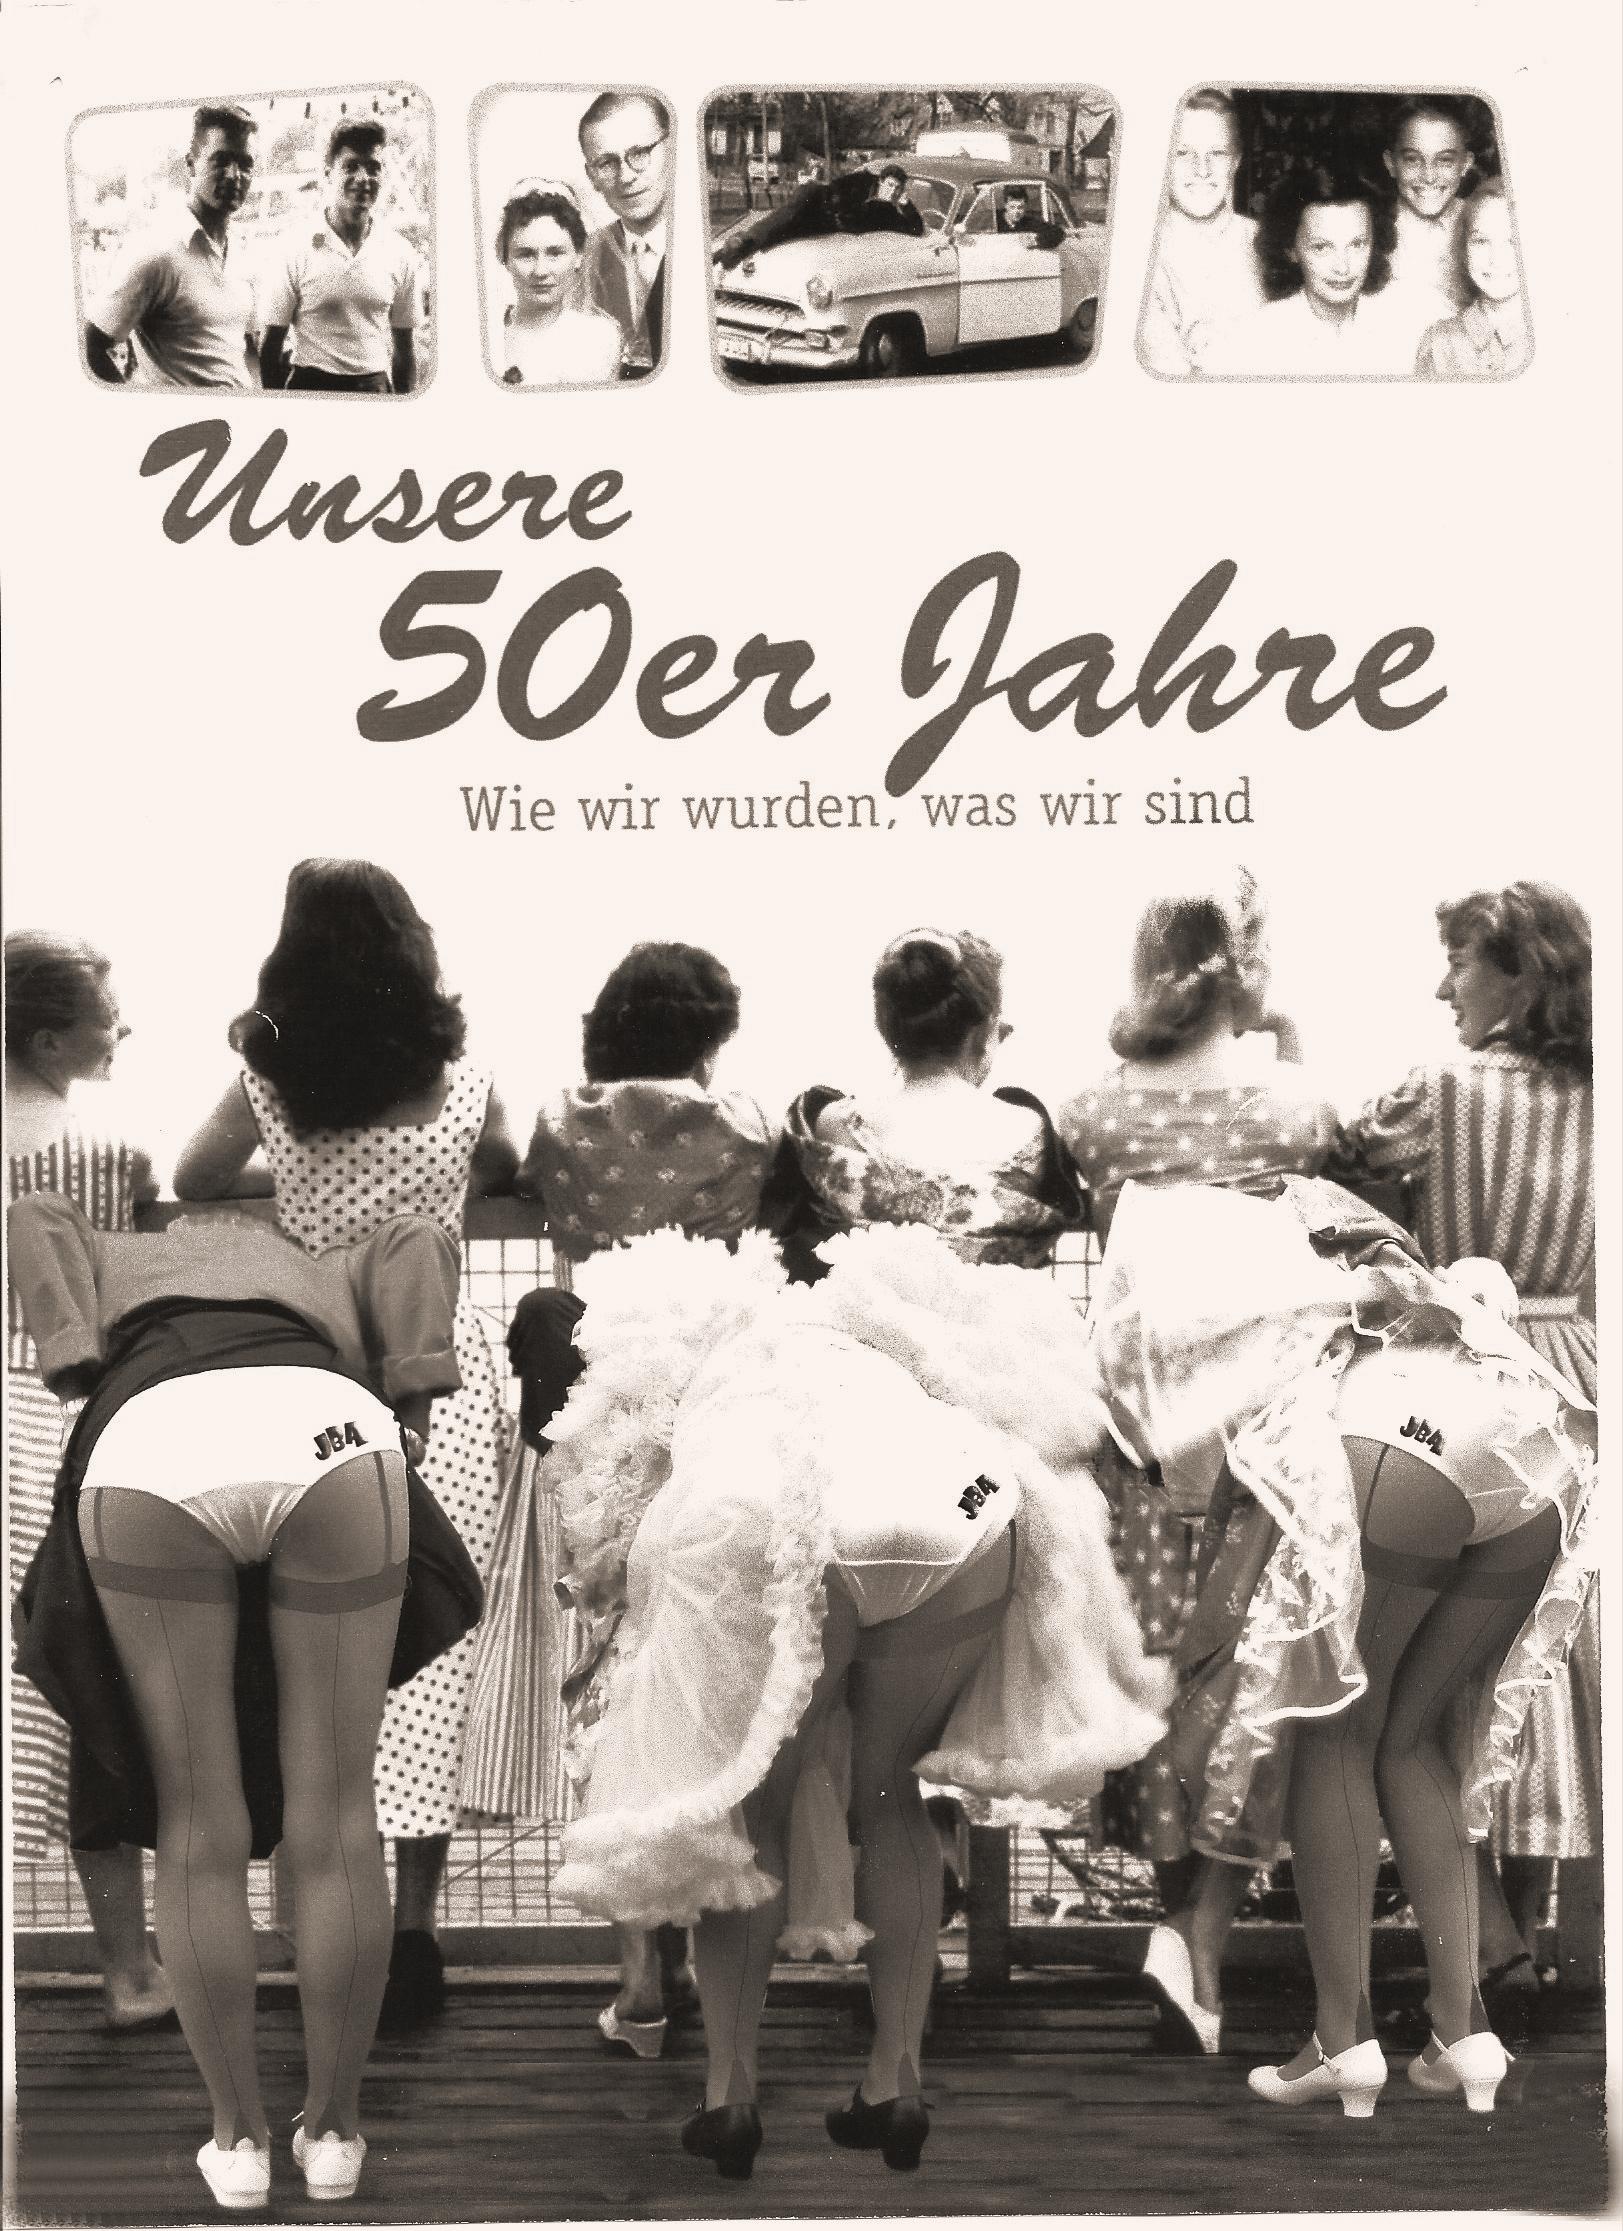 Unsere 50er Jahre3